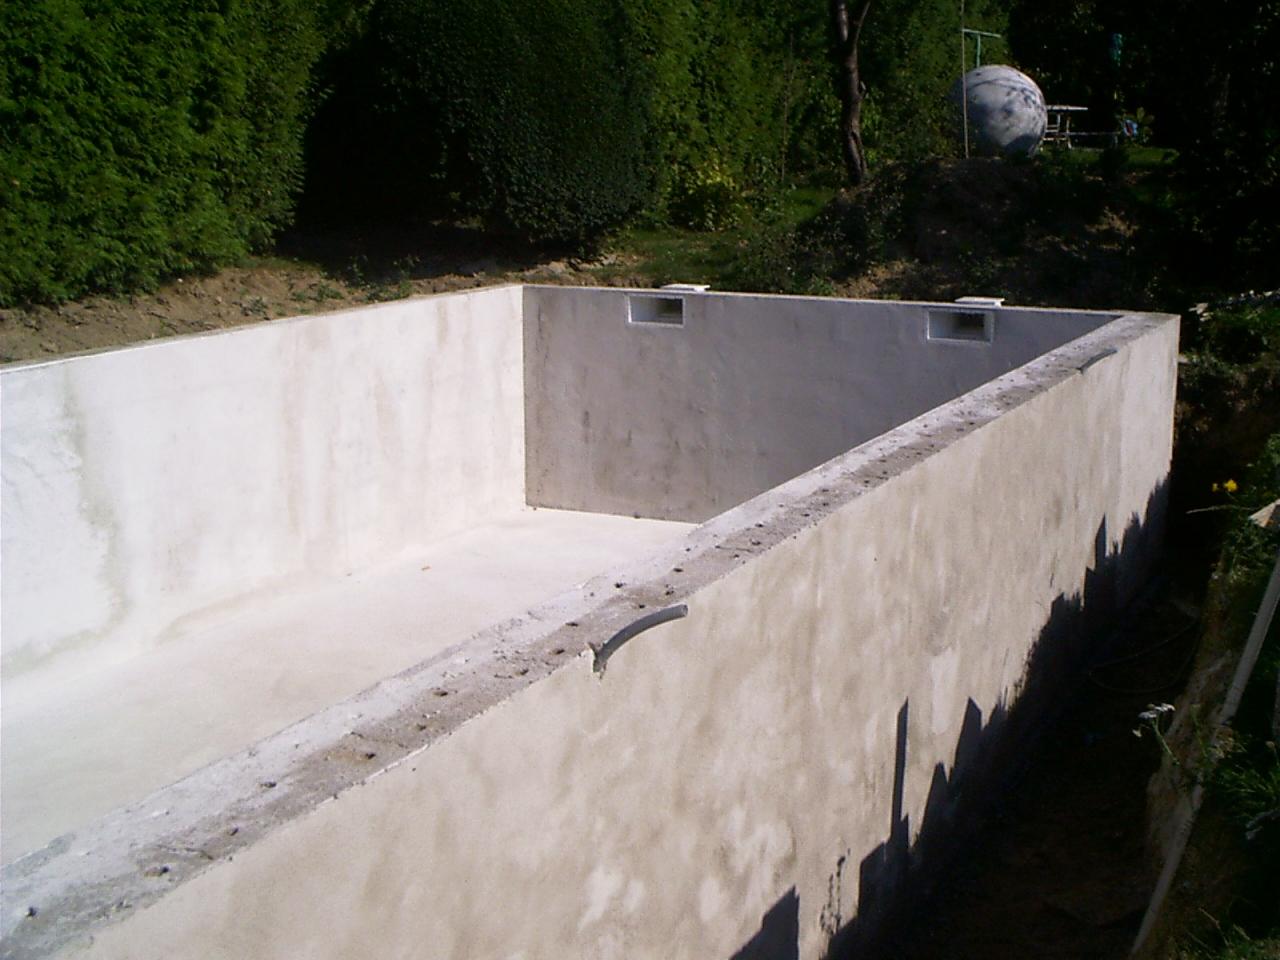 schwimmbad / aussenpool selber bauen - bauanleitung zum selberbauen